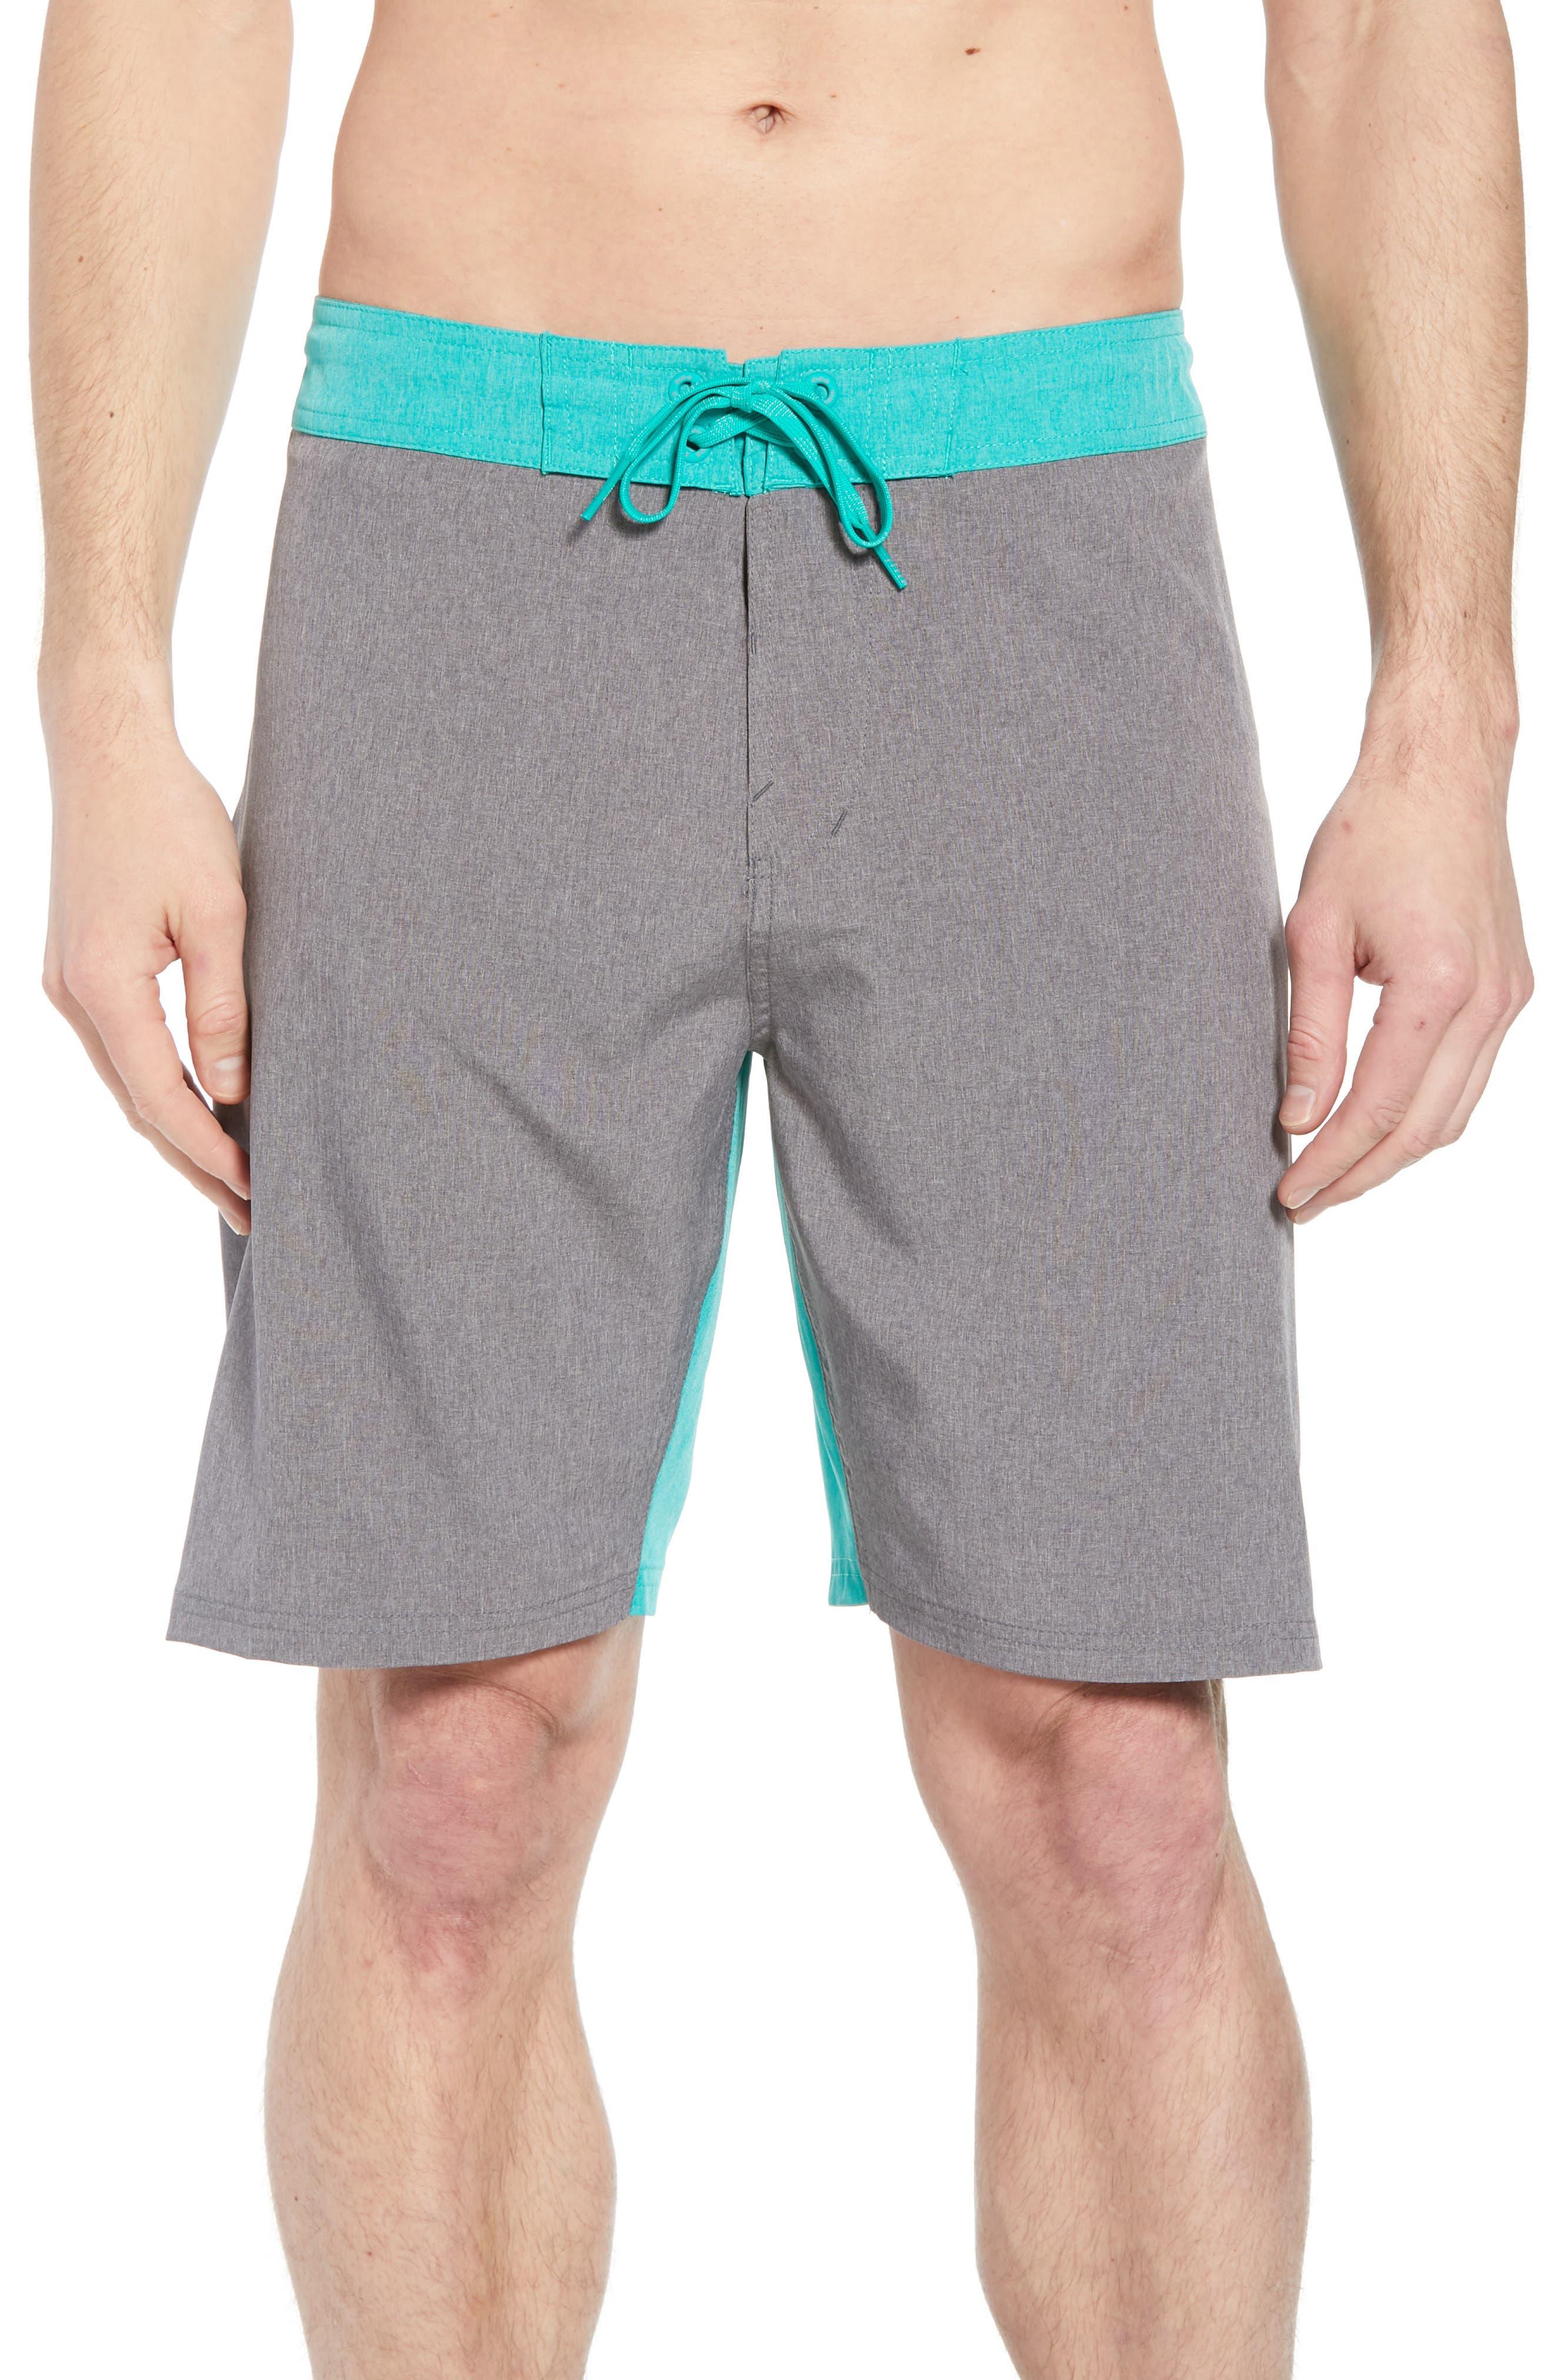 Vortex Board Shorts,                         Main,                         color, Gunsmoke